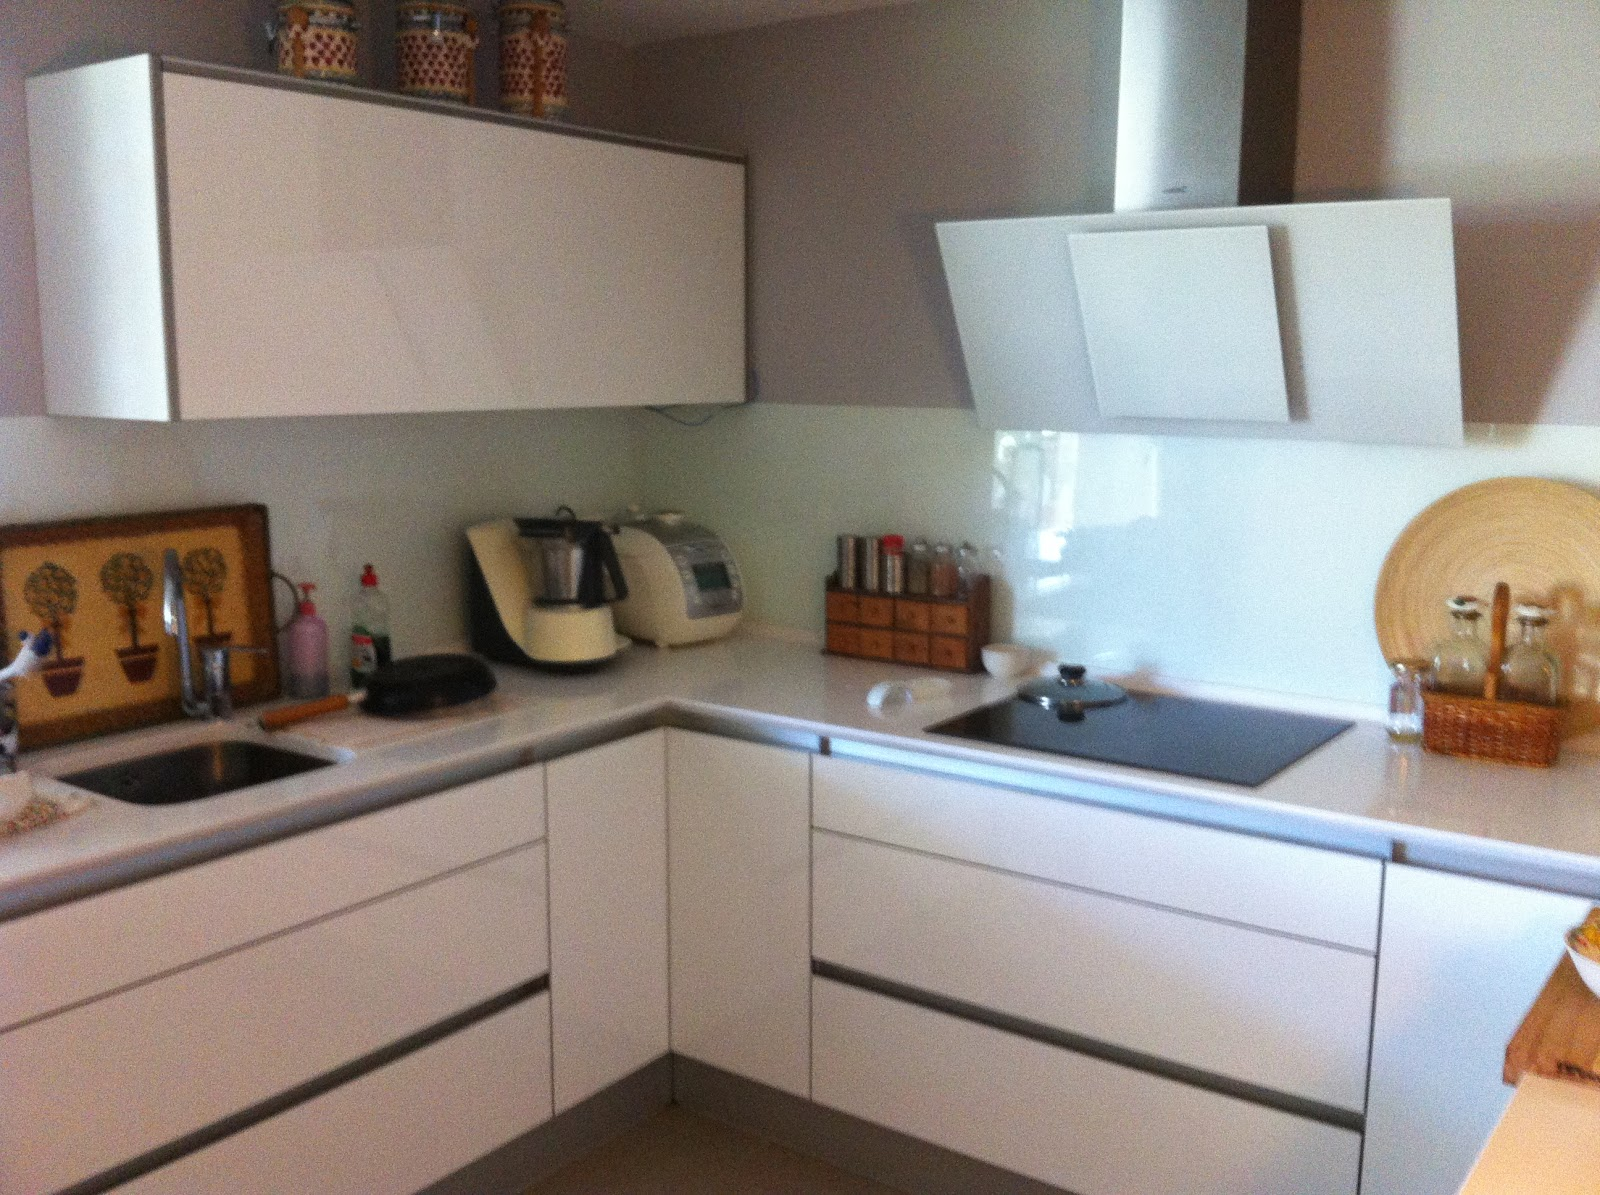 Como limpiar muebles de cocina muy sucios pisos de madera with como limpiar muebles de cocina - Limpiar azulejos cocina para queden brillantes ...